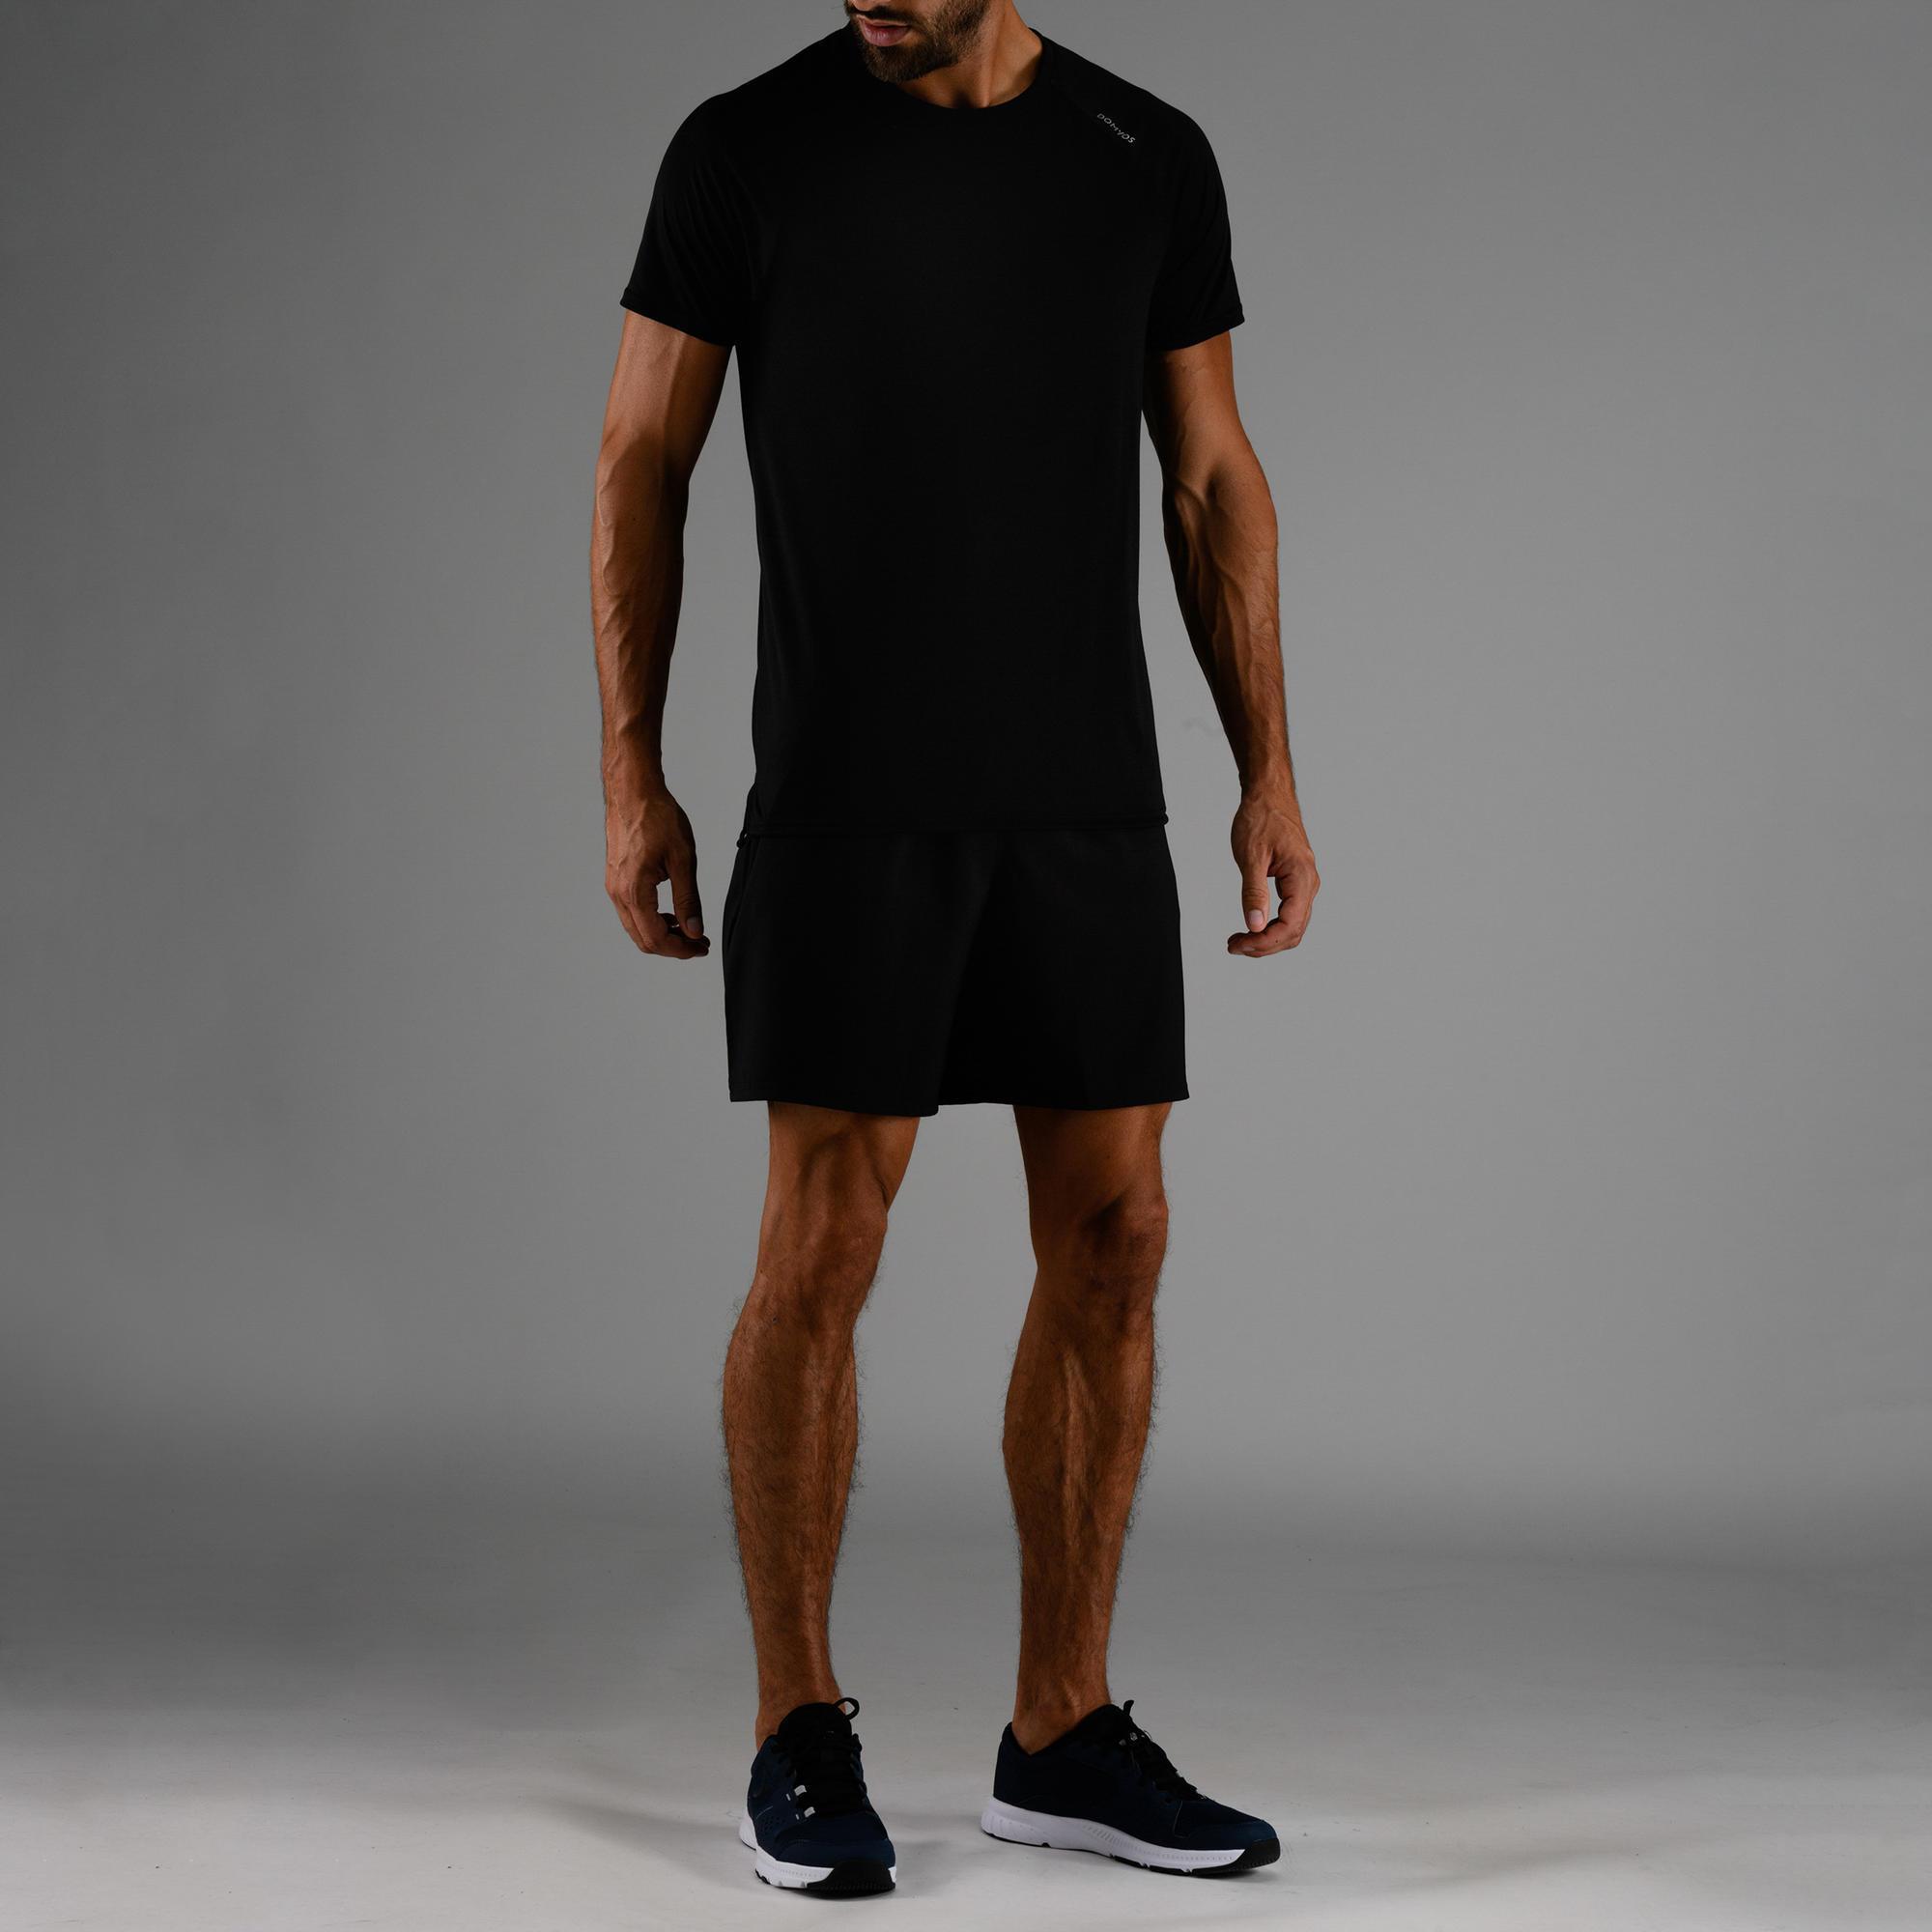 e86e63070 Comprar Pantalones de Hombre Deportivos | Decathlon